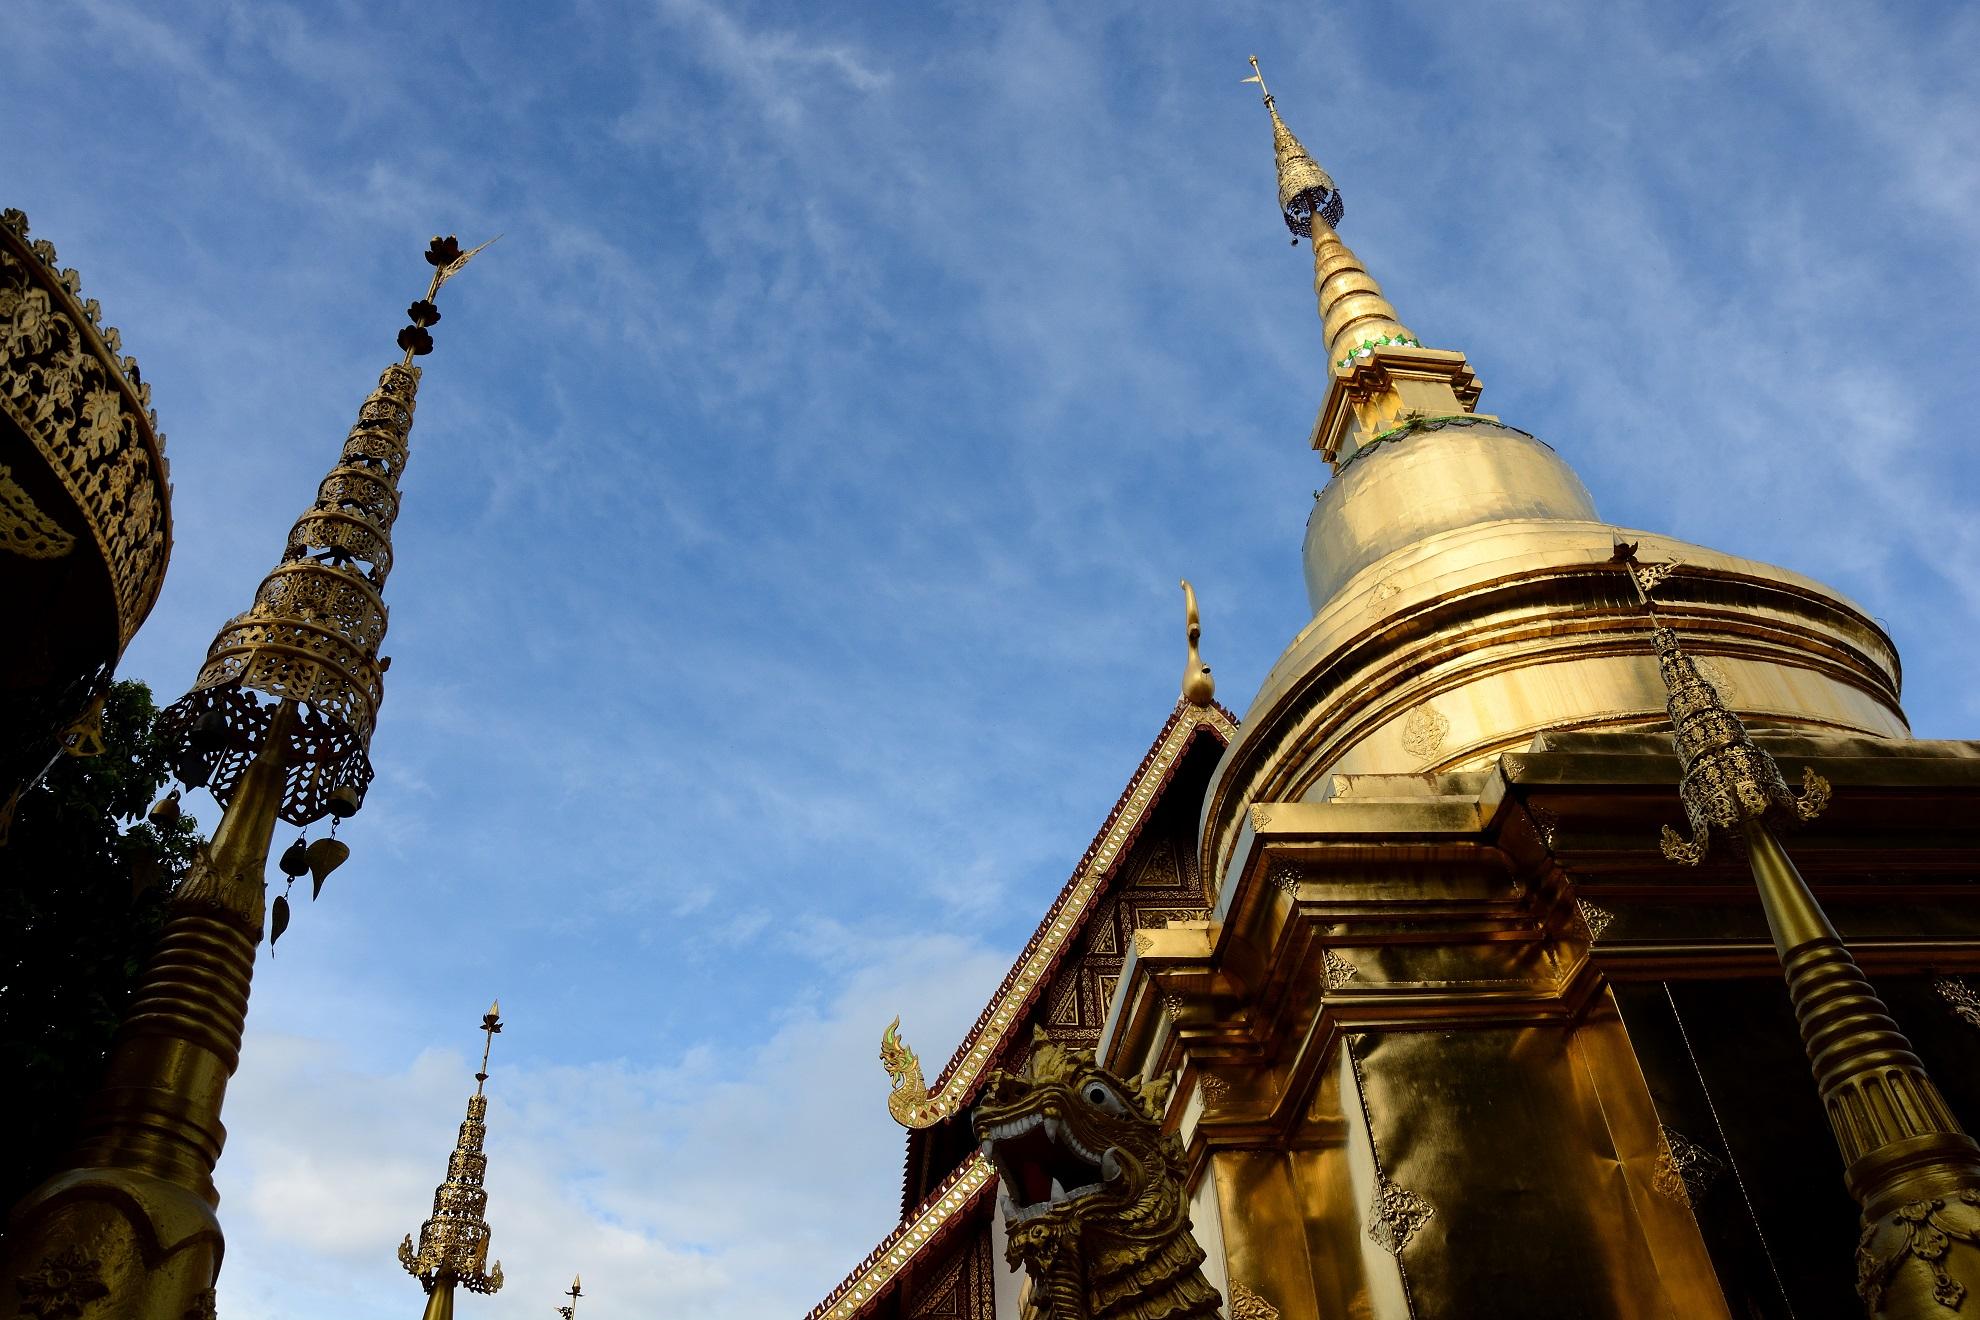 A nemrégiben felépített Fehér Templomon kívül két gyönyörű, régi buddhista templom is található a központtól nem túl messze.